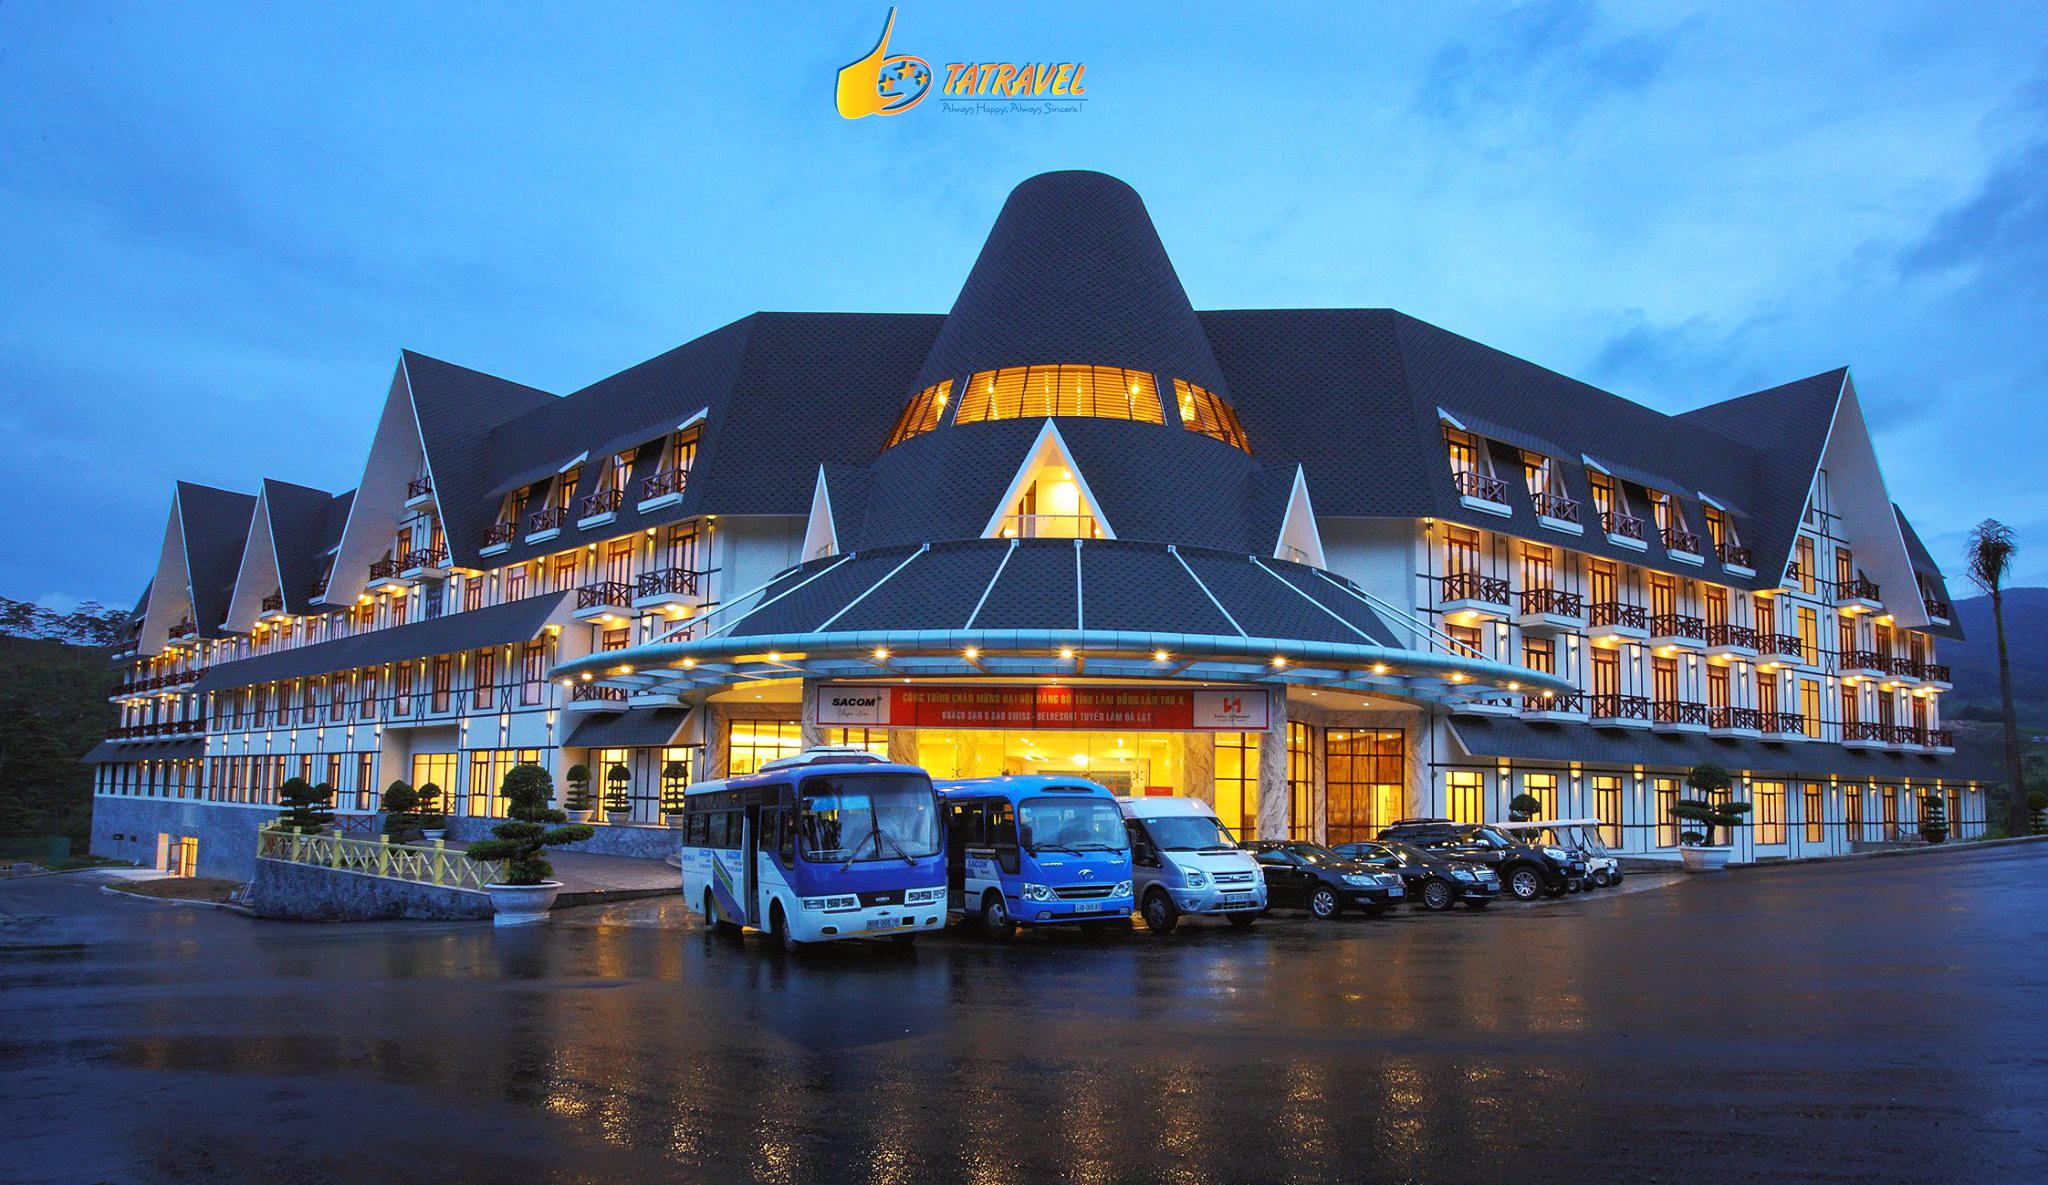 Khách sạn Swiss Belresort Tuyền Lâm Đà LạtReview khách sạn Swiss Belresort Tuyền Lâm Đà Lạt